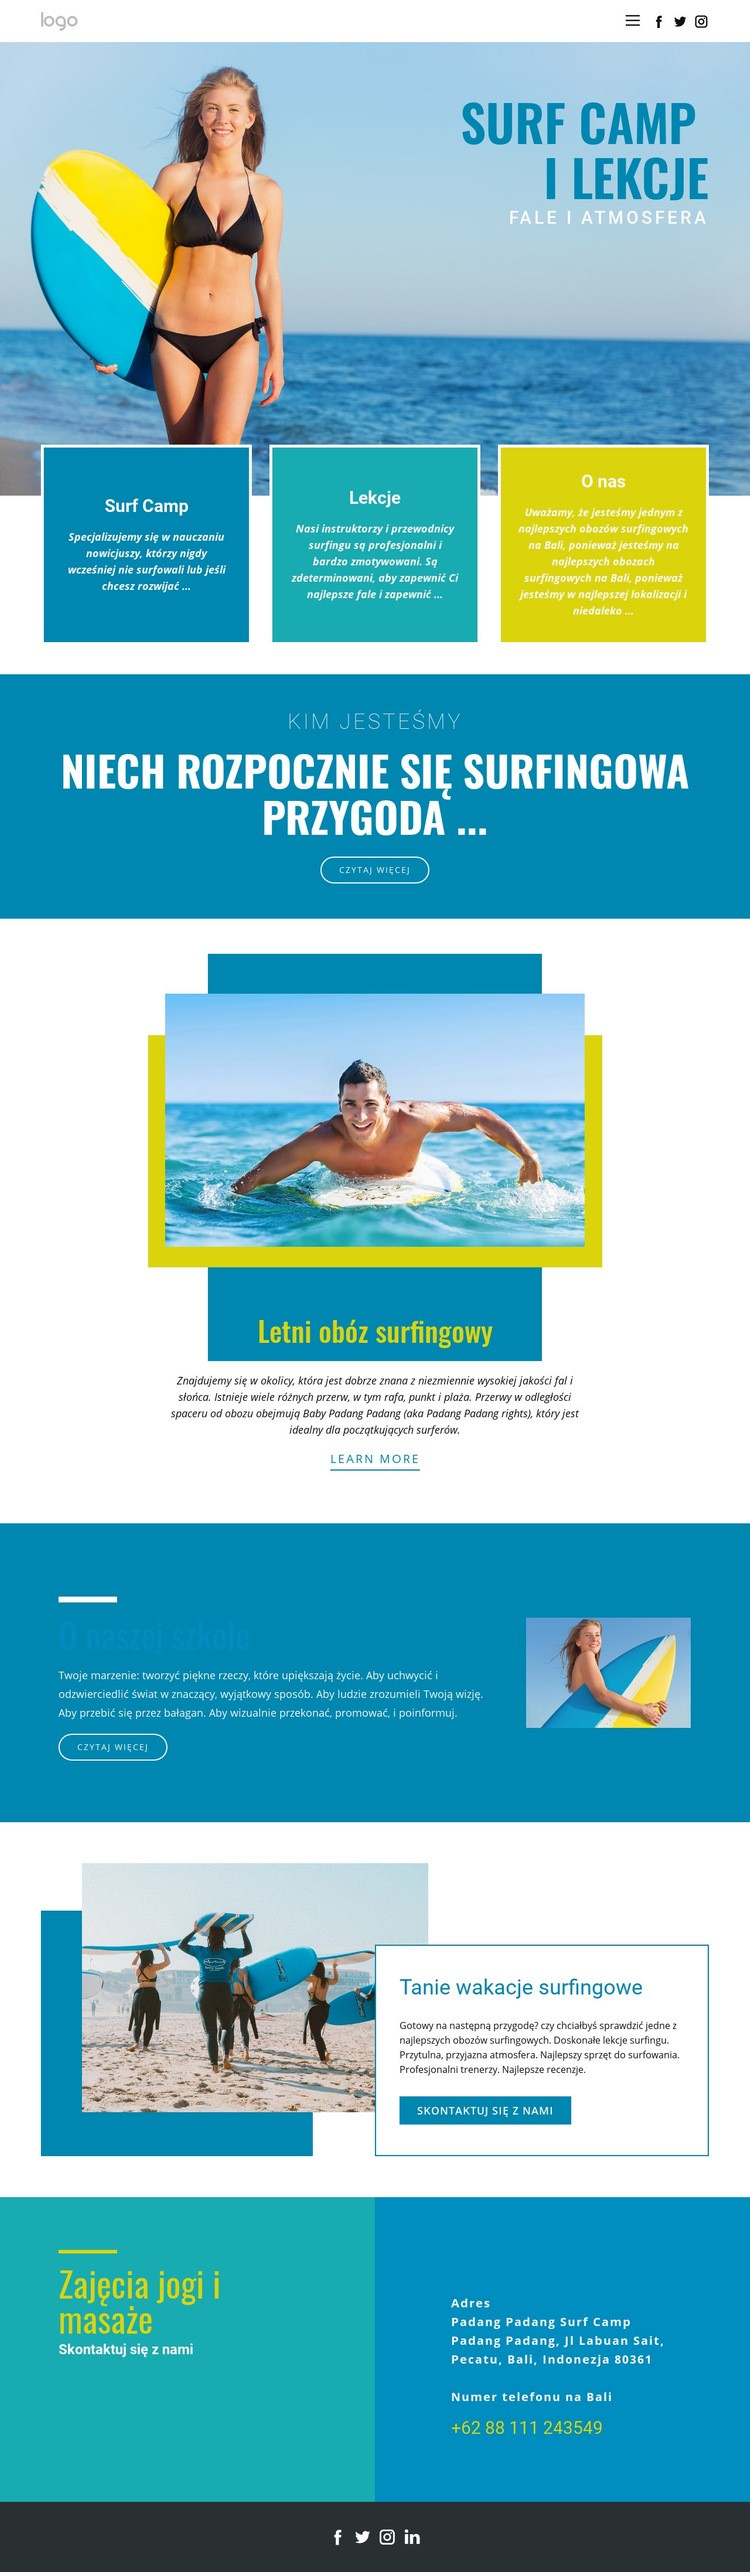 Obóz do sportów letnich Szablon witryny sieci Web